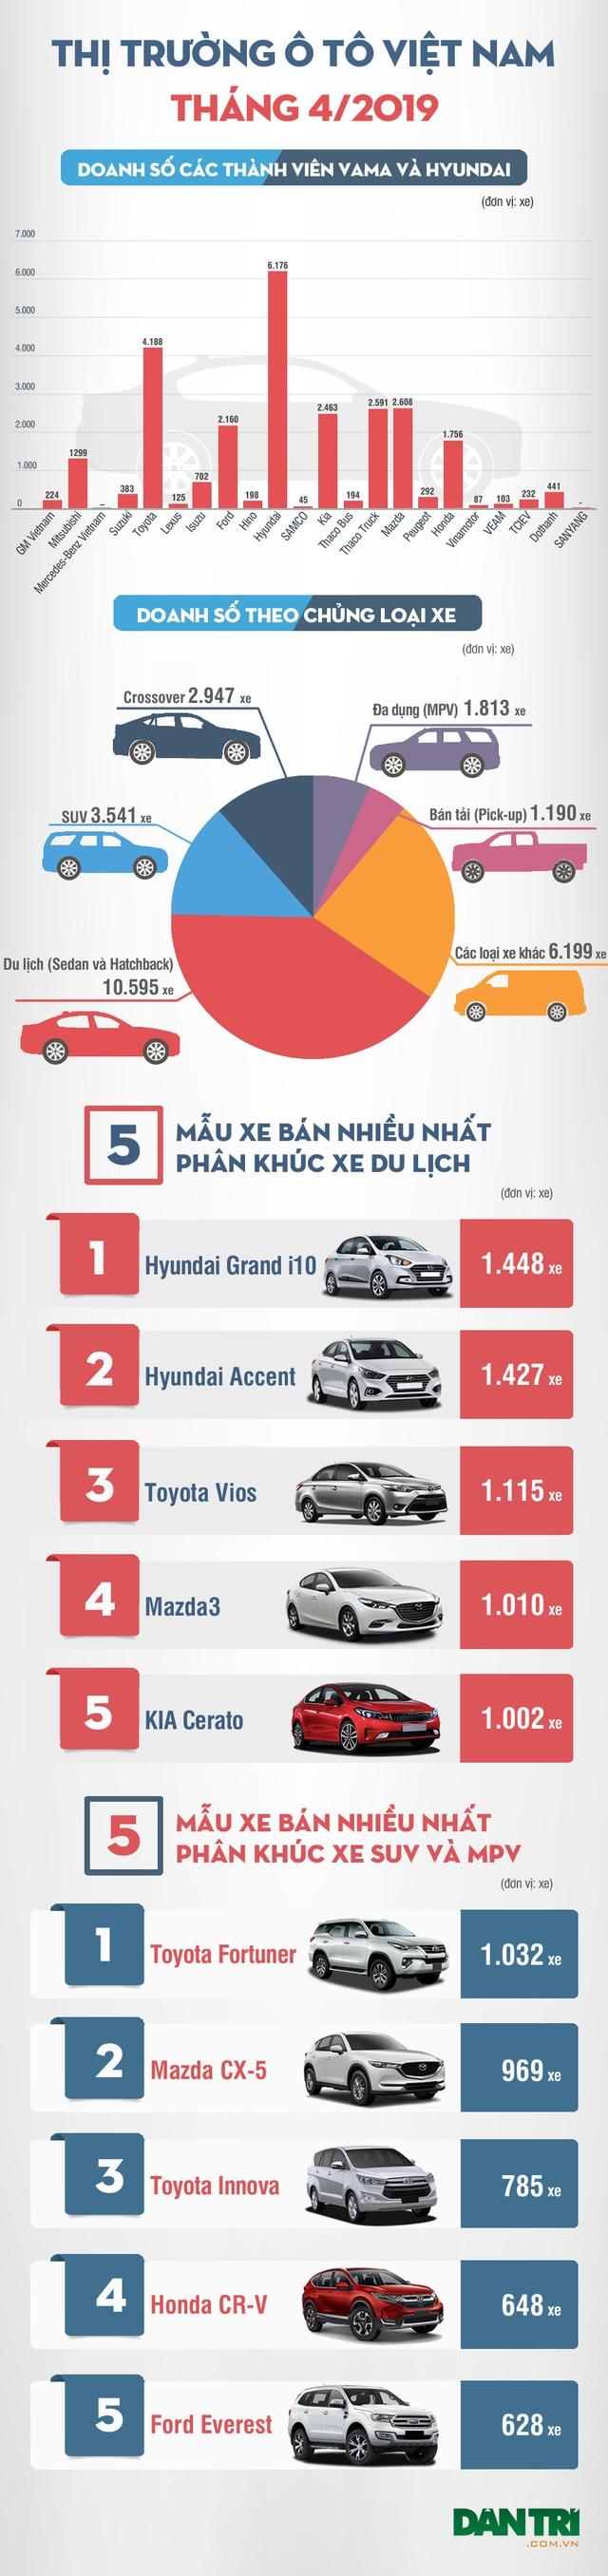 Thị trường ôtô tháng 4/2019: Màn tung hứng giữa Hyundai và Toyota - 3